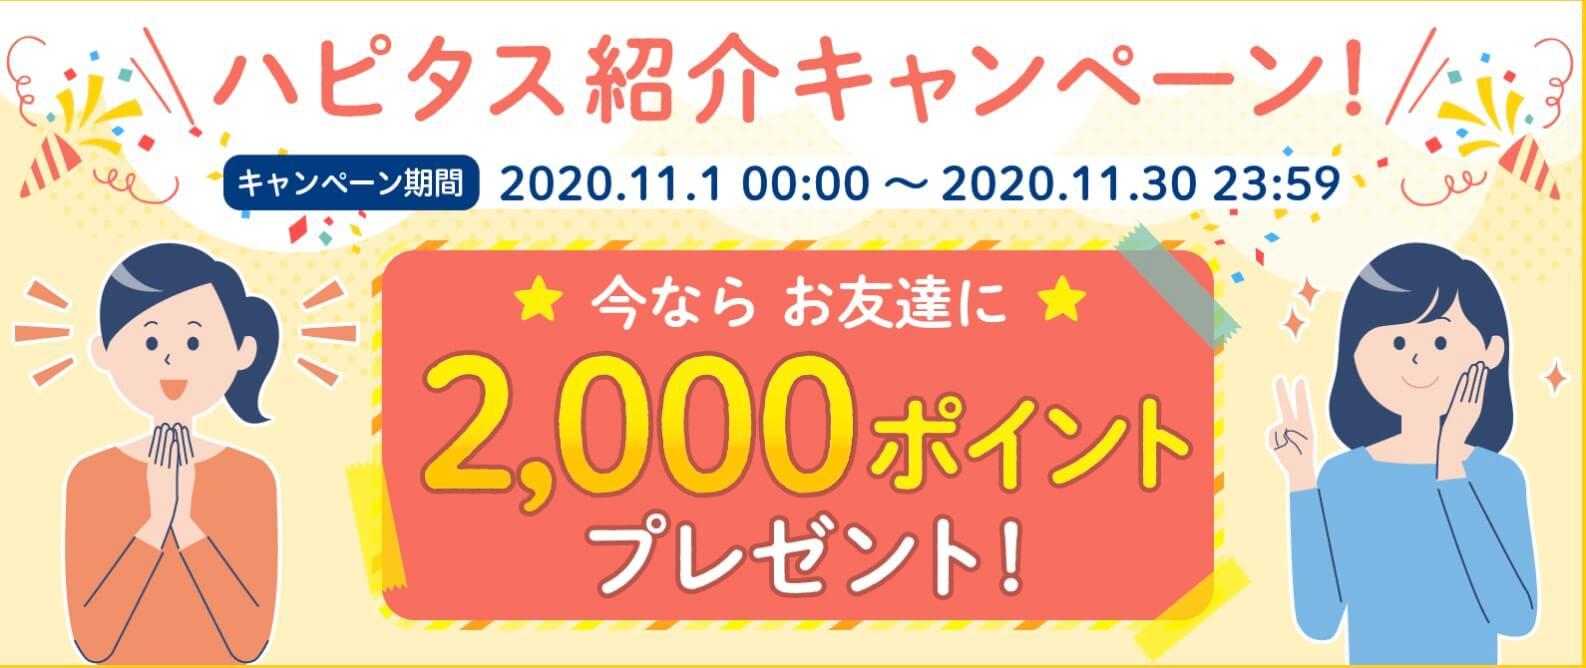 ハピタス紹介キャンペーン2,000P